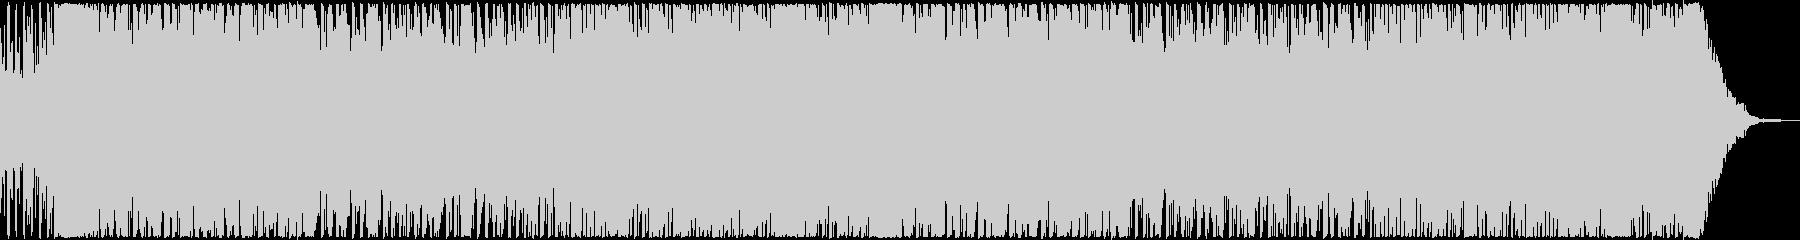 昭和の雰囲気を感じるトランス曲の未再生の波形